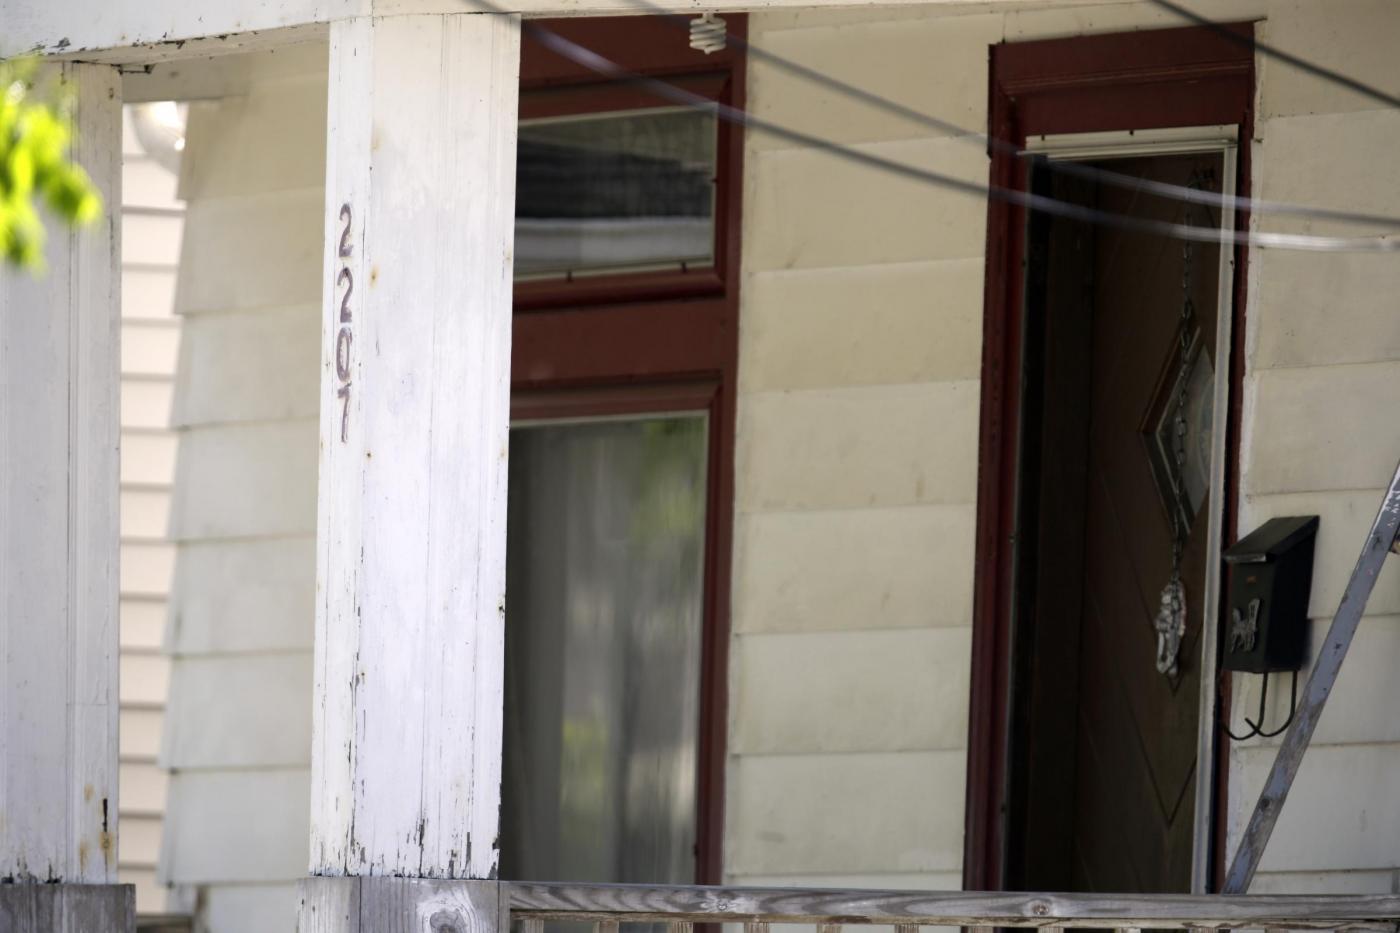 Le foto della casa degli orrori di cleveland foto 1 di 8 for Planimetrie della casa degli artigiani